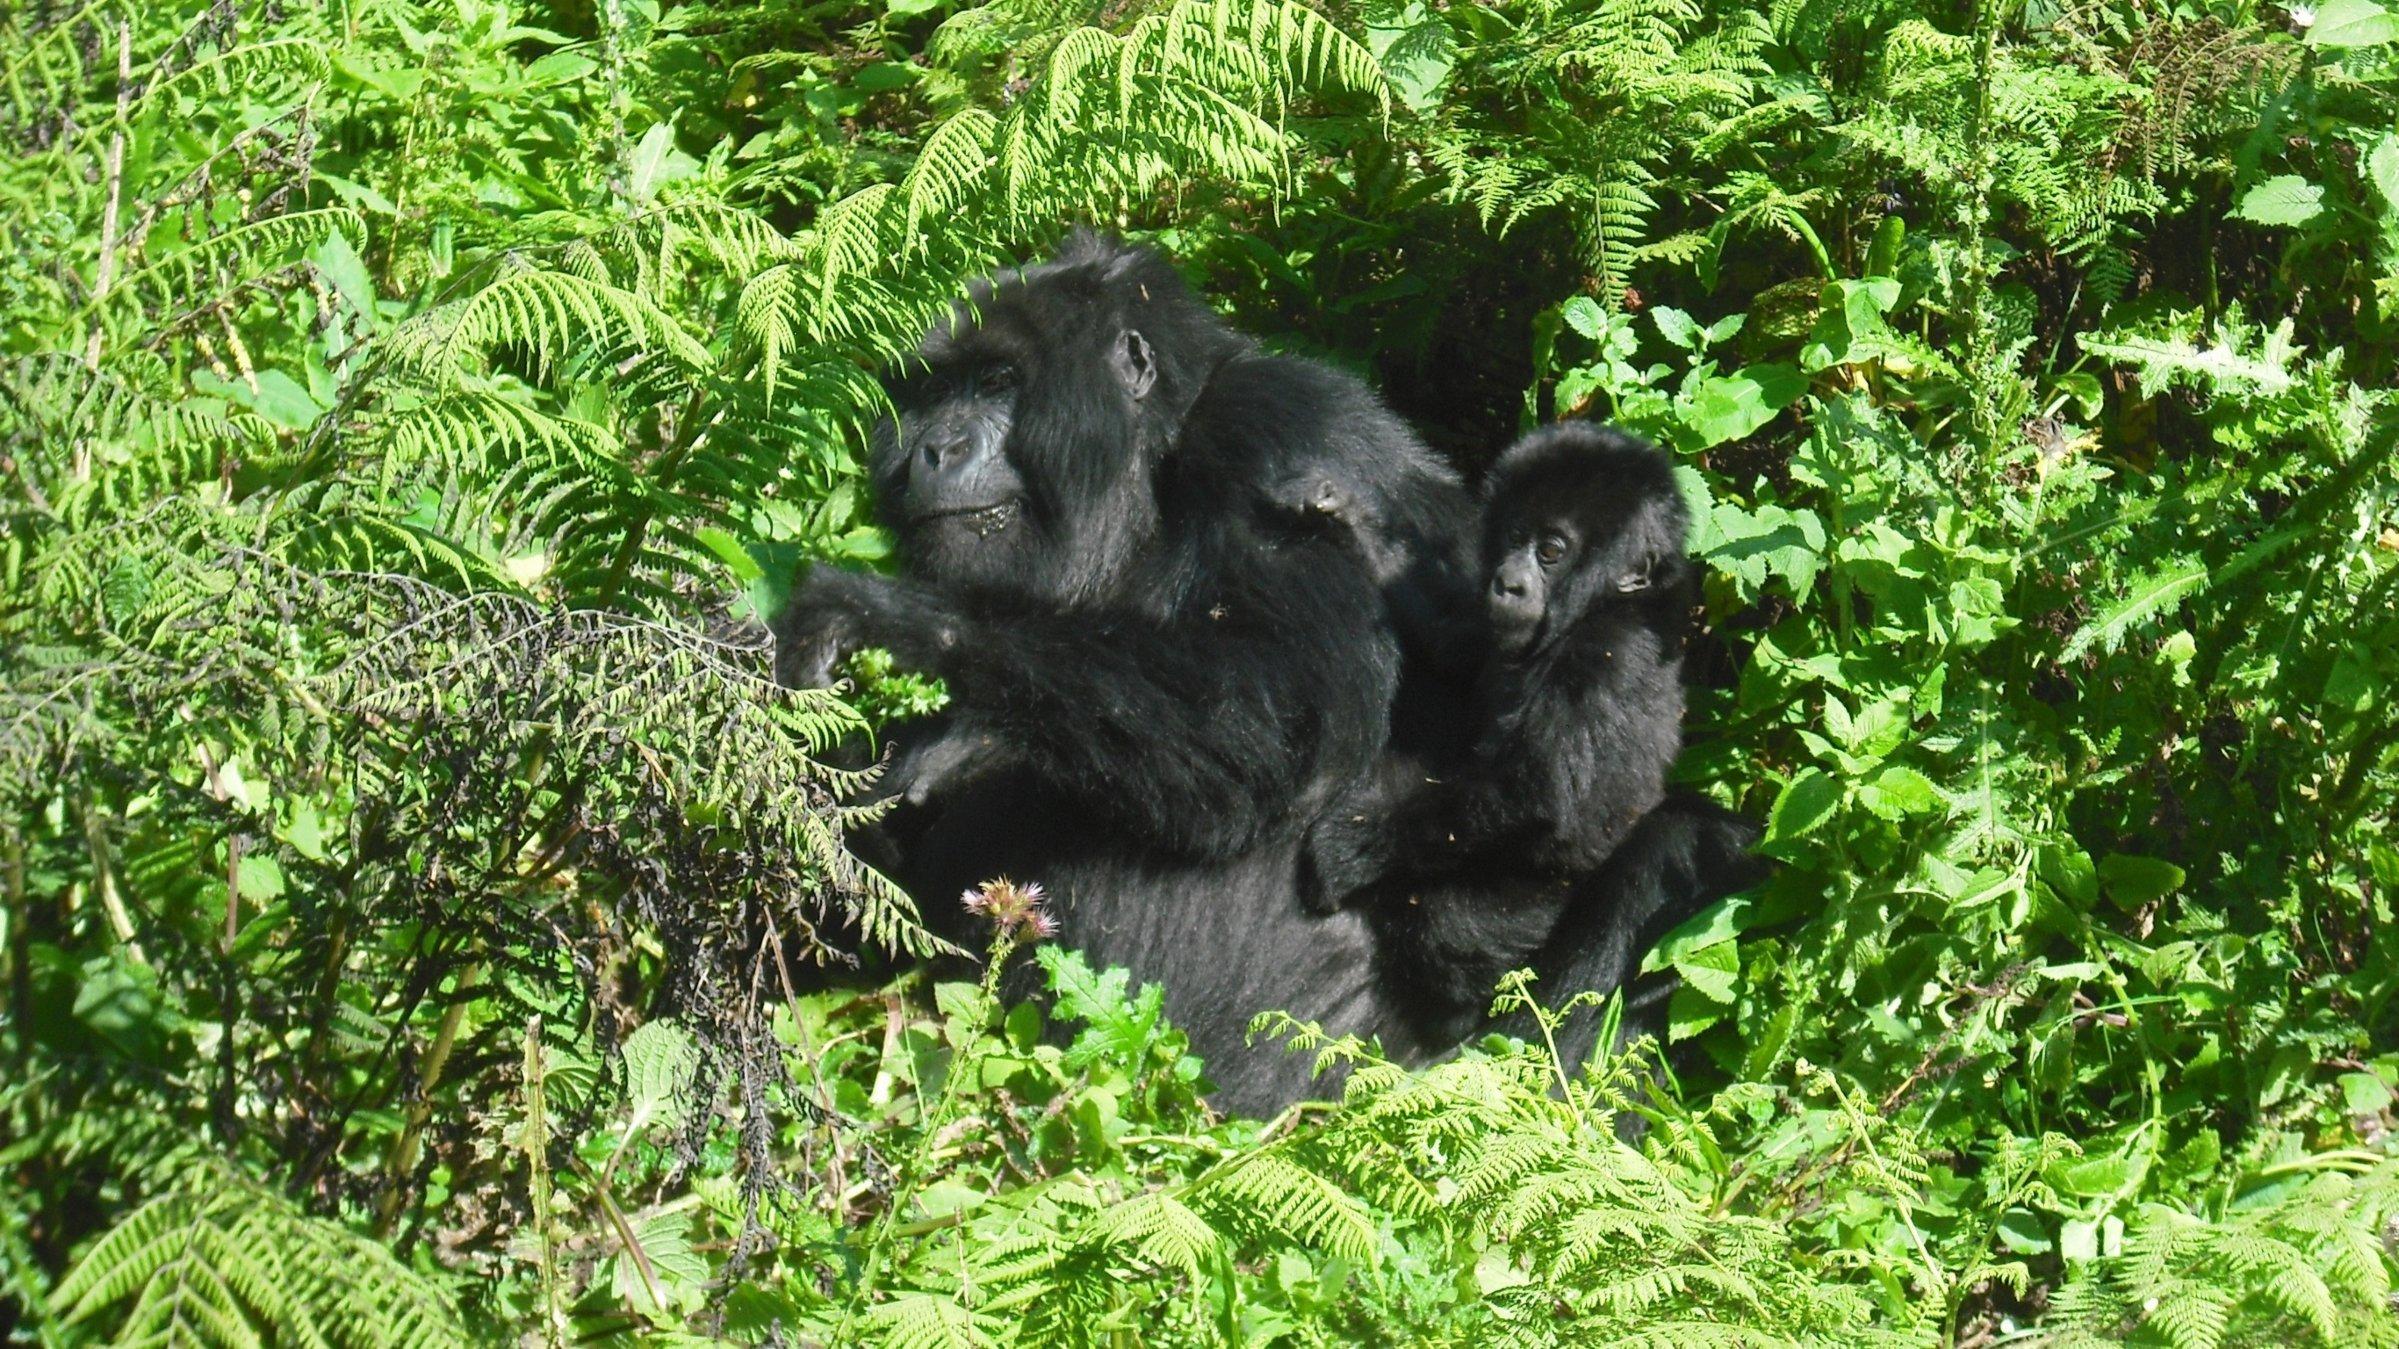 7-Day Luxury Gorilla Tracking and Wildlife - Uganda Itinerary